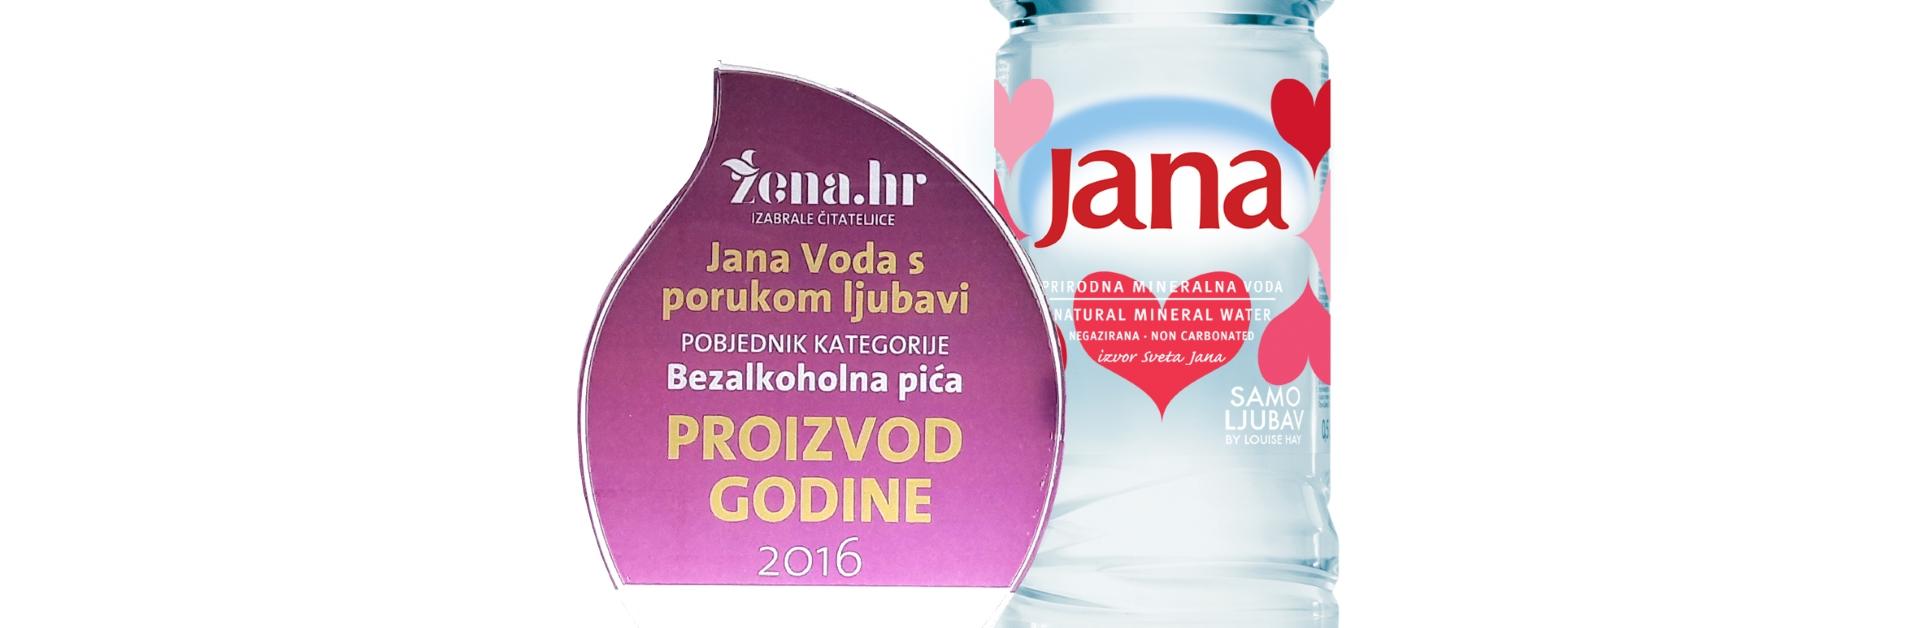 Jana Voda s porukom ljubavi je proizvod godine u kategoriji bezalkoholnih pića